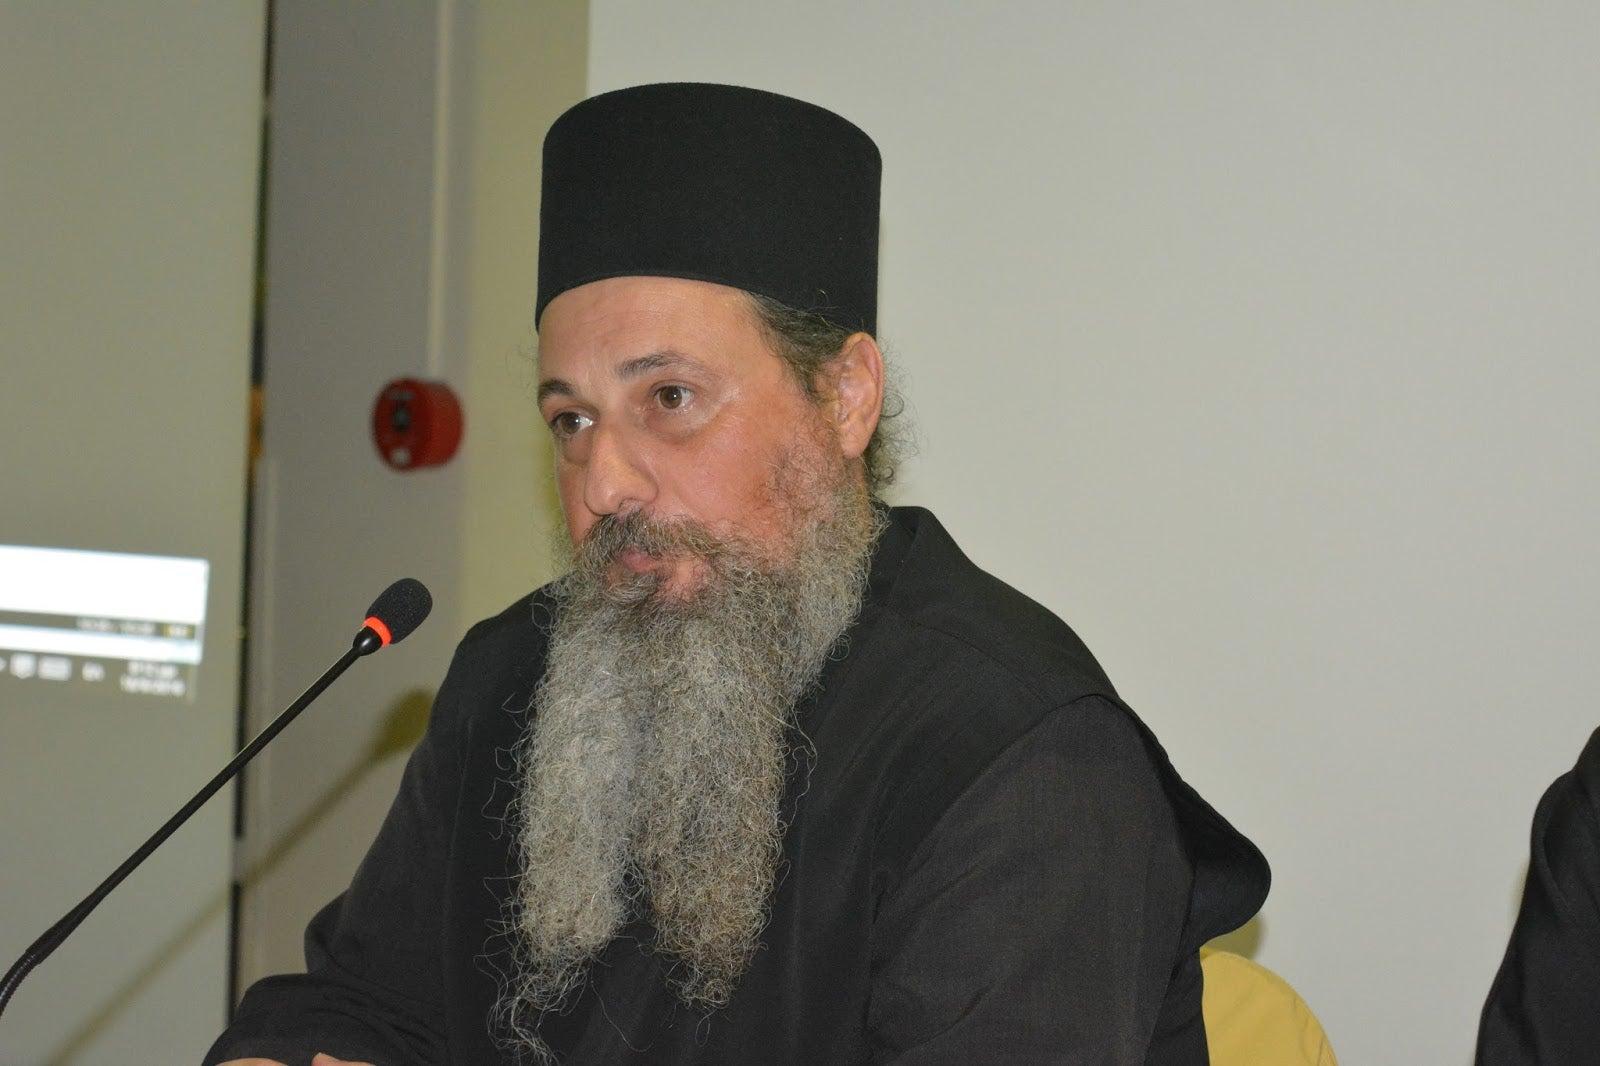 Αρχιμ. Παΐσιος Παπαδόπουλος Πώς γίνεται η διαλειμματική νηστεία.